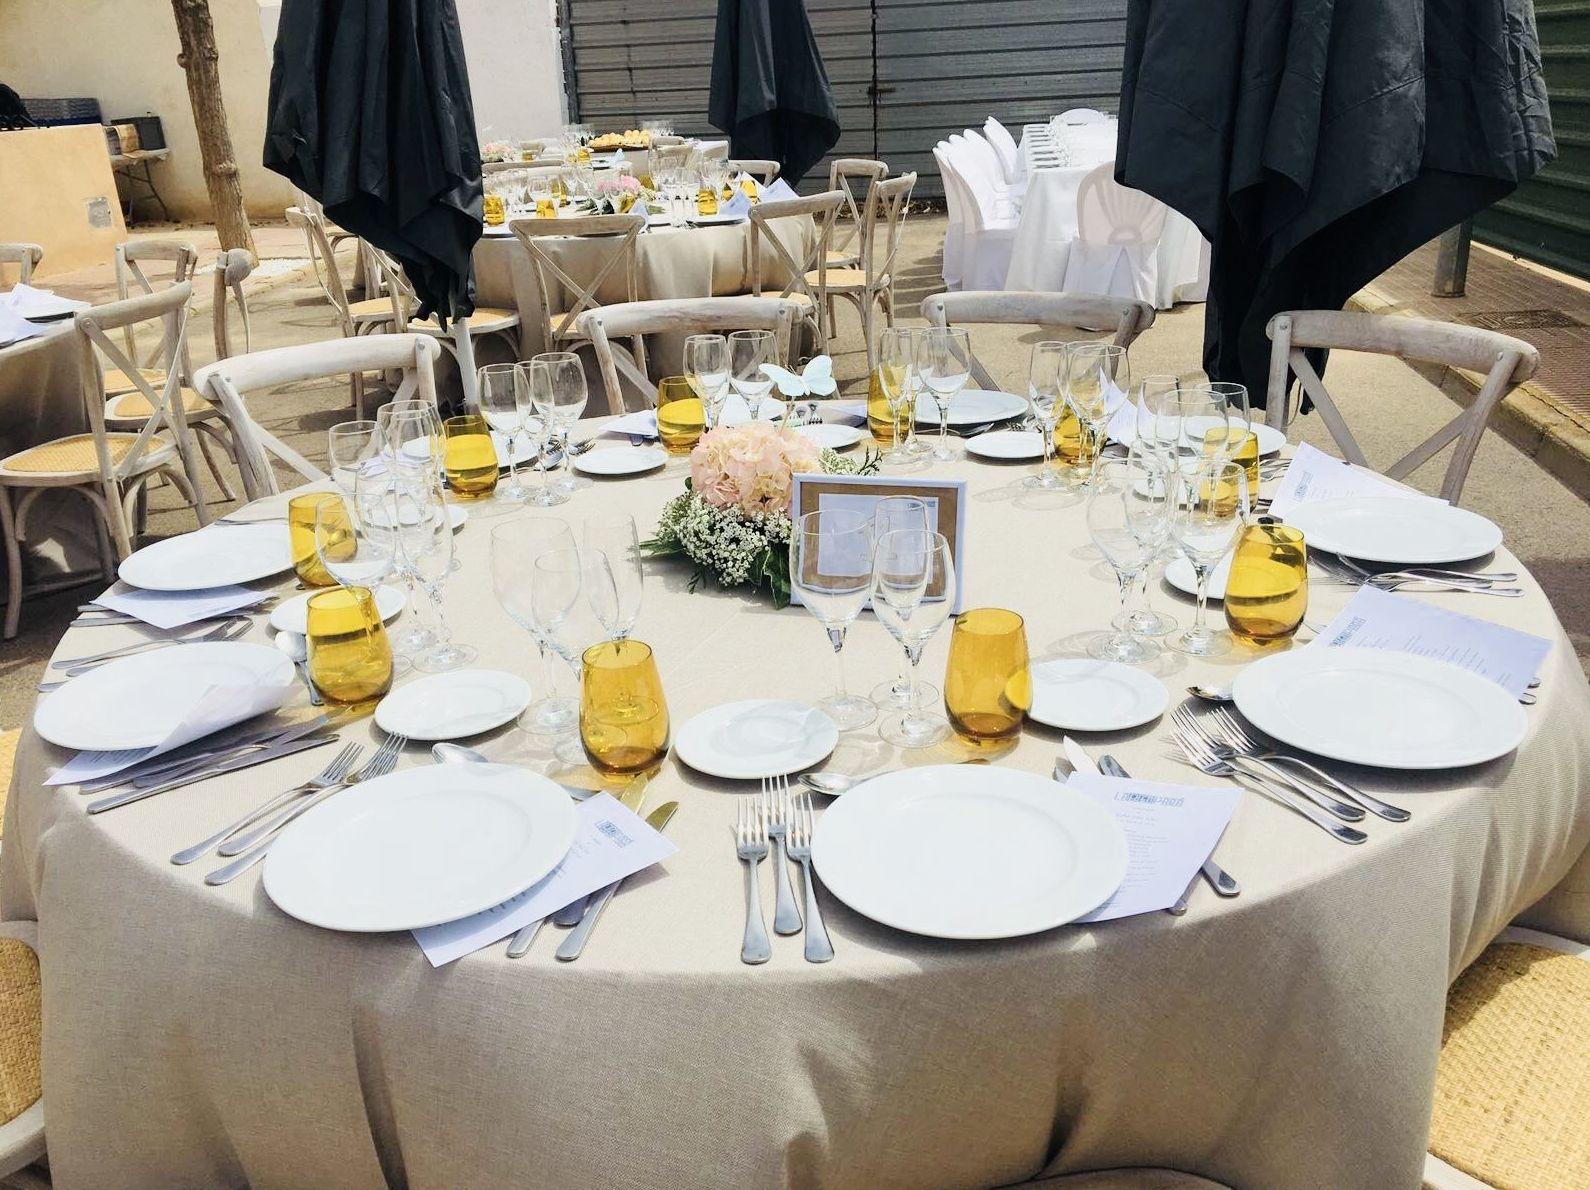 Foto 7 de Alquiler de sillas, mesas y menaje en El Palmar | Mantelería & Menaje